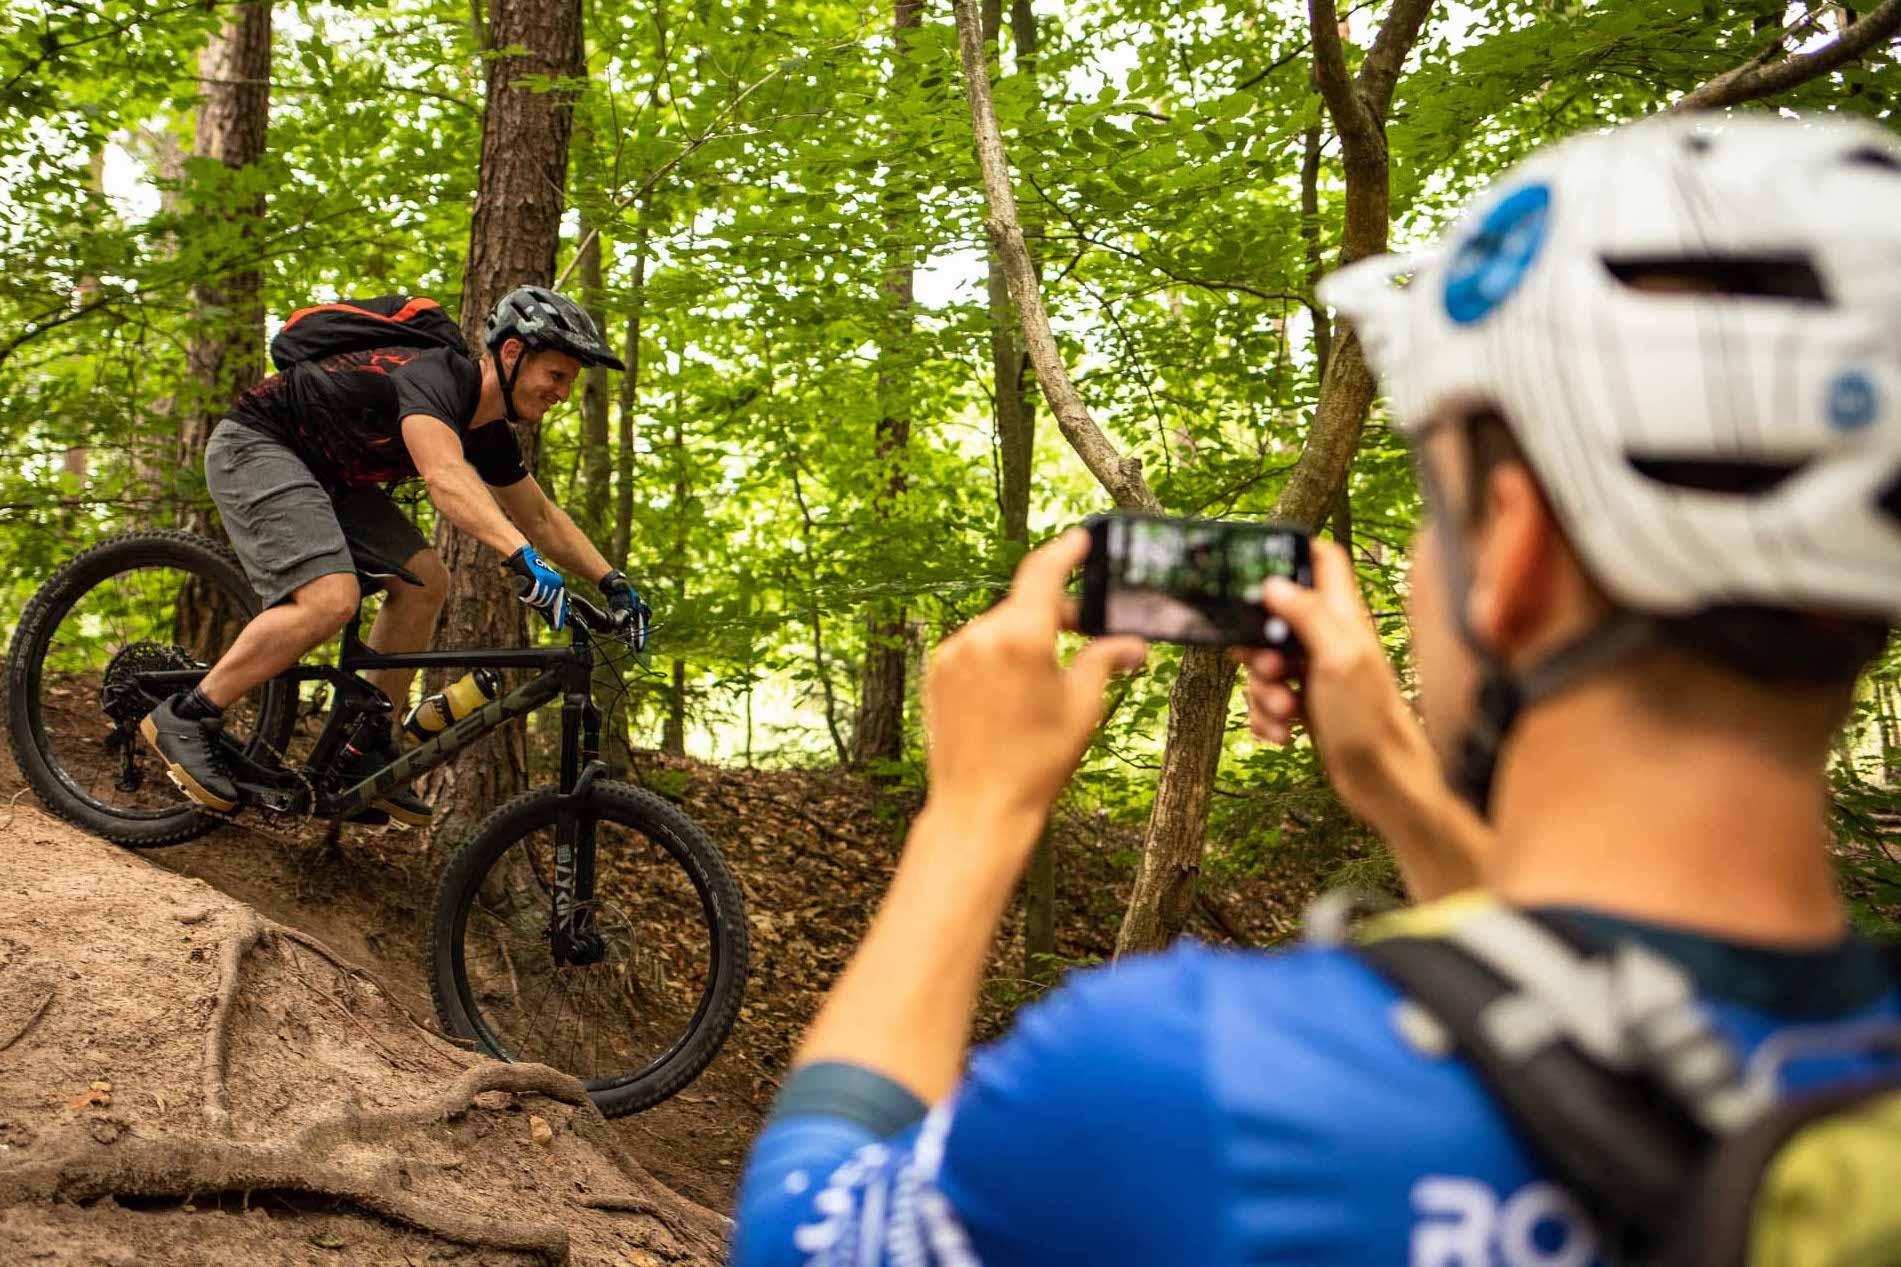 MTB Fahrtechnik Kurs für Einsteiger in Witten - Ruhrgebiet - Mountainbike Basic Ruhrgebit Trail Anfänger - Rock my Trail Bikeschule GmbH - 26